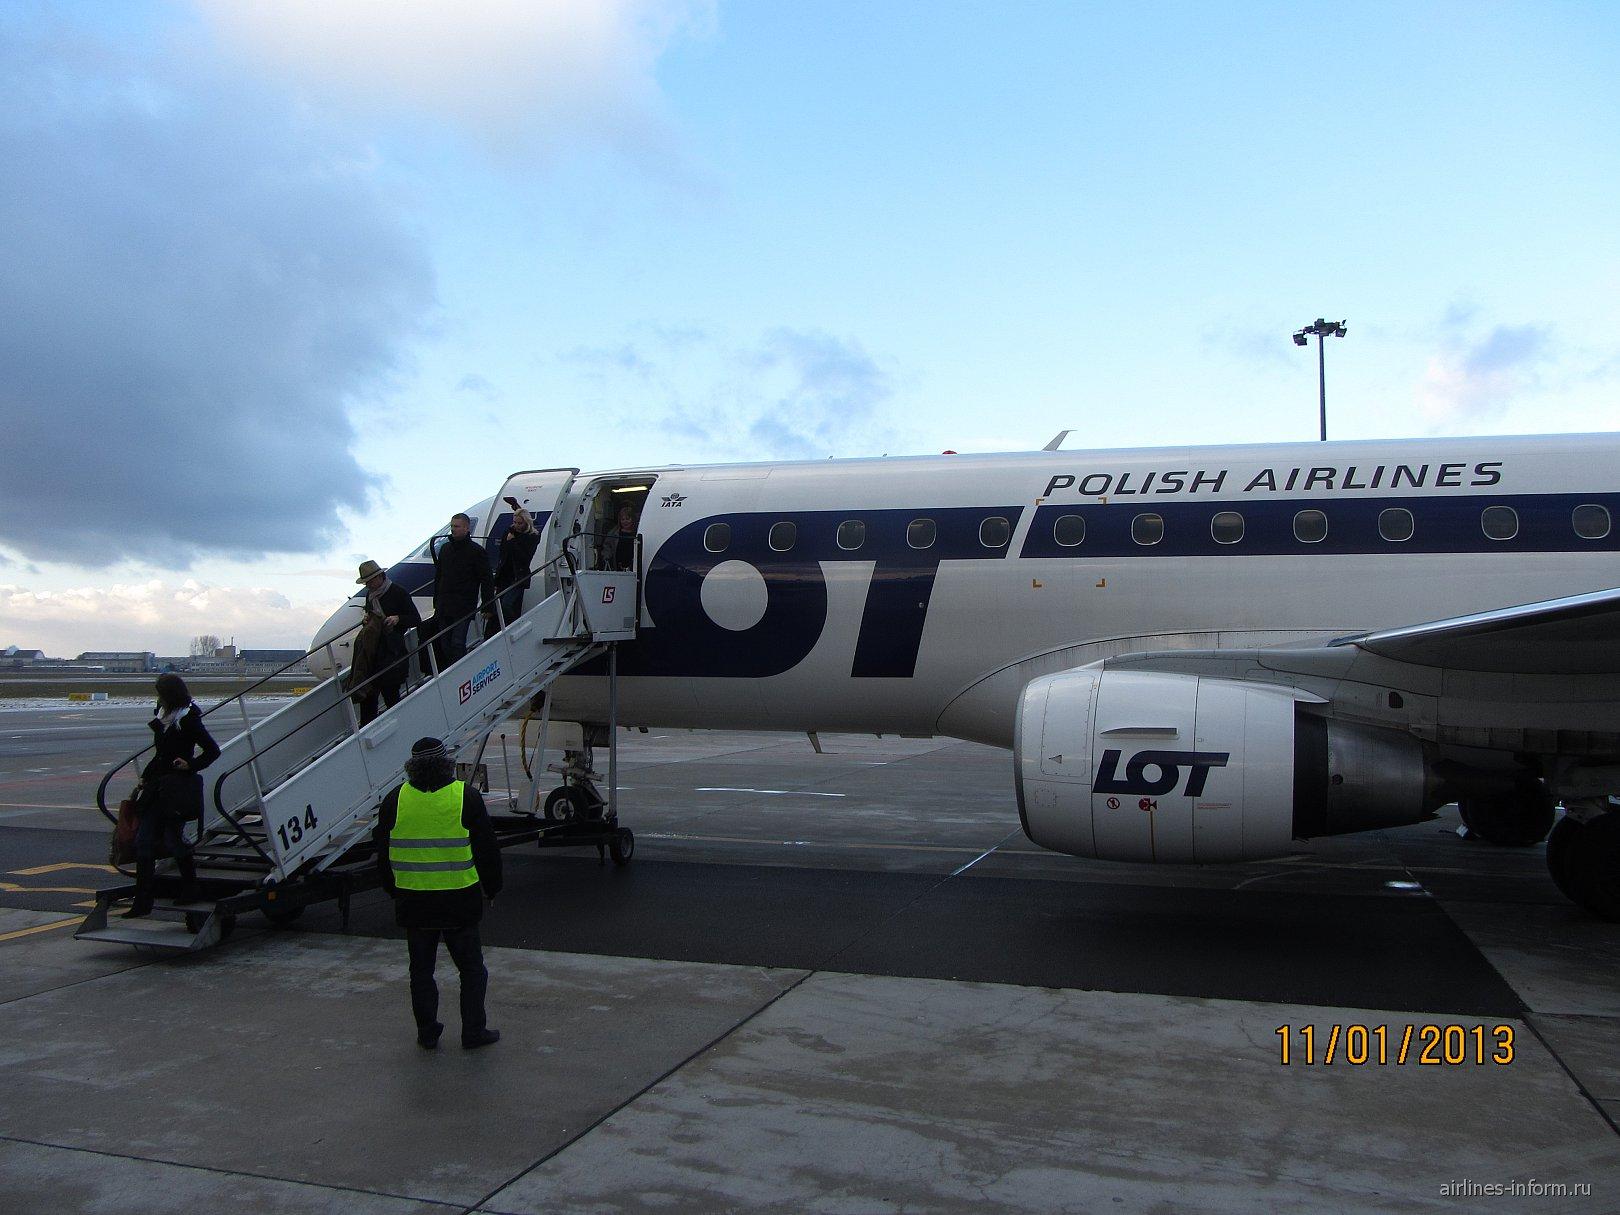 Самолет Эмбраер-175 авиакомпании ЛОТ-Польские авиалинии